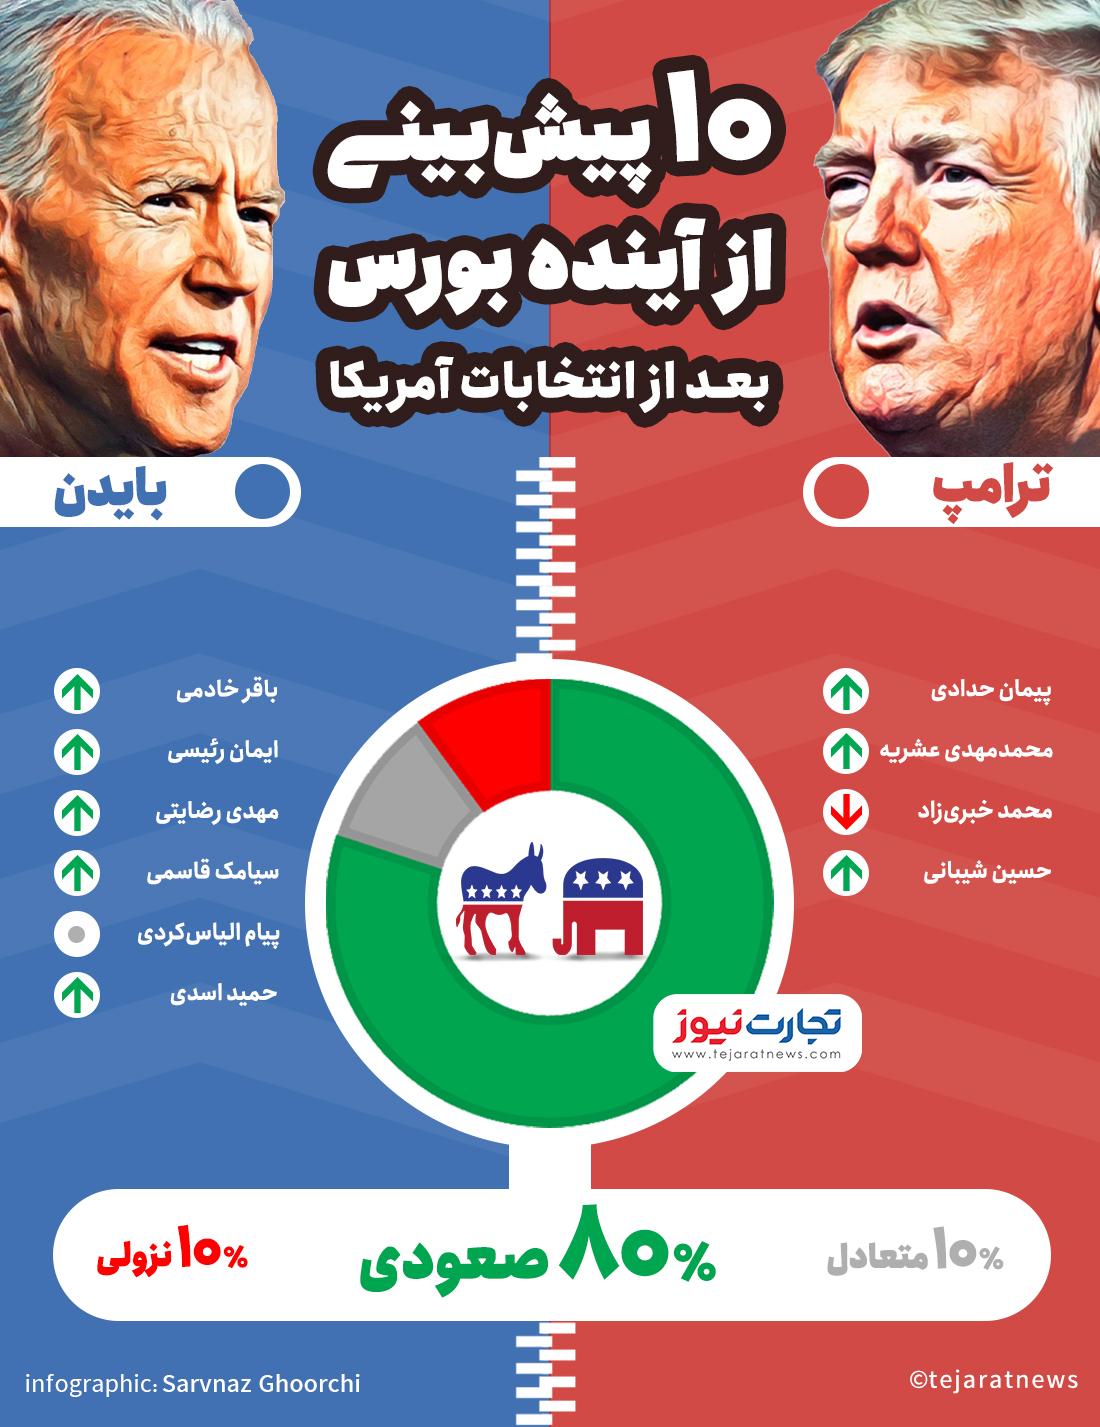 انتخابات آمریکا، ایران را به کجا میبرد؟ / آیا بایدن با ایران مذاکره نمیکند؟ - تجارتنیوز